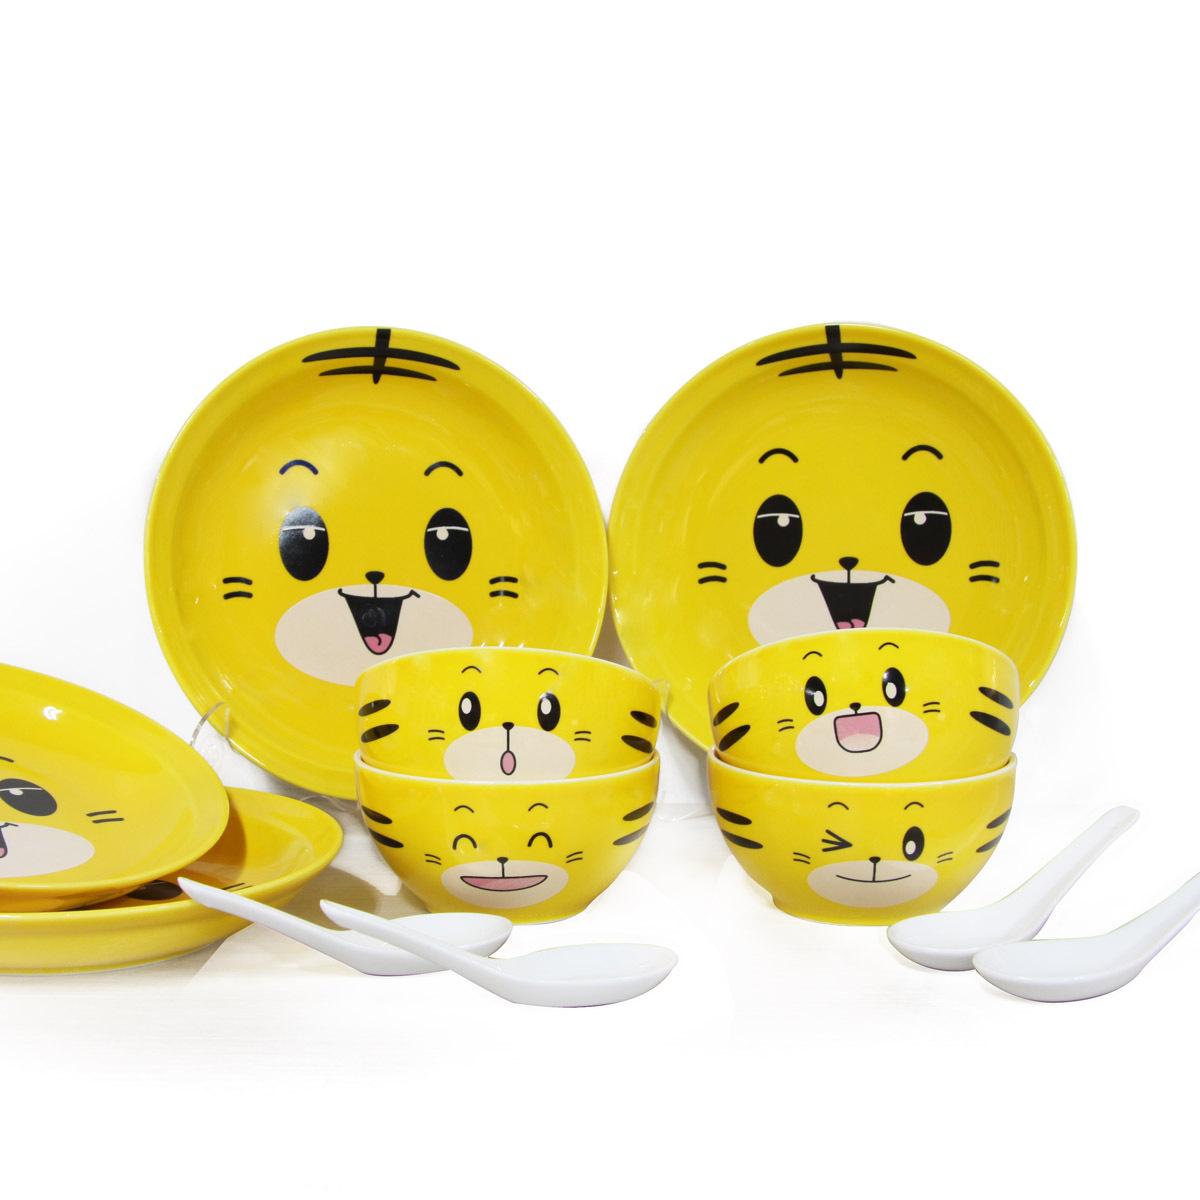 日日和 厨房用具餐饮用品骨瓷餐具套装瓷器餐具陶瓷餐具 12头